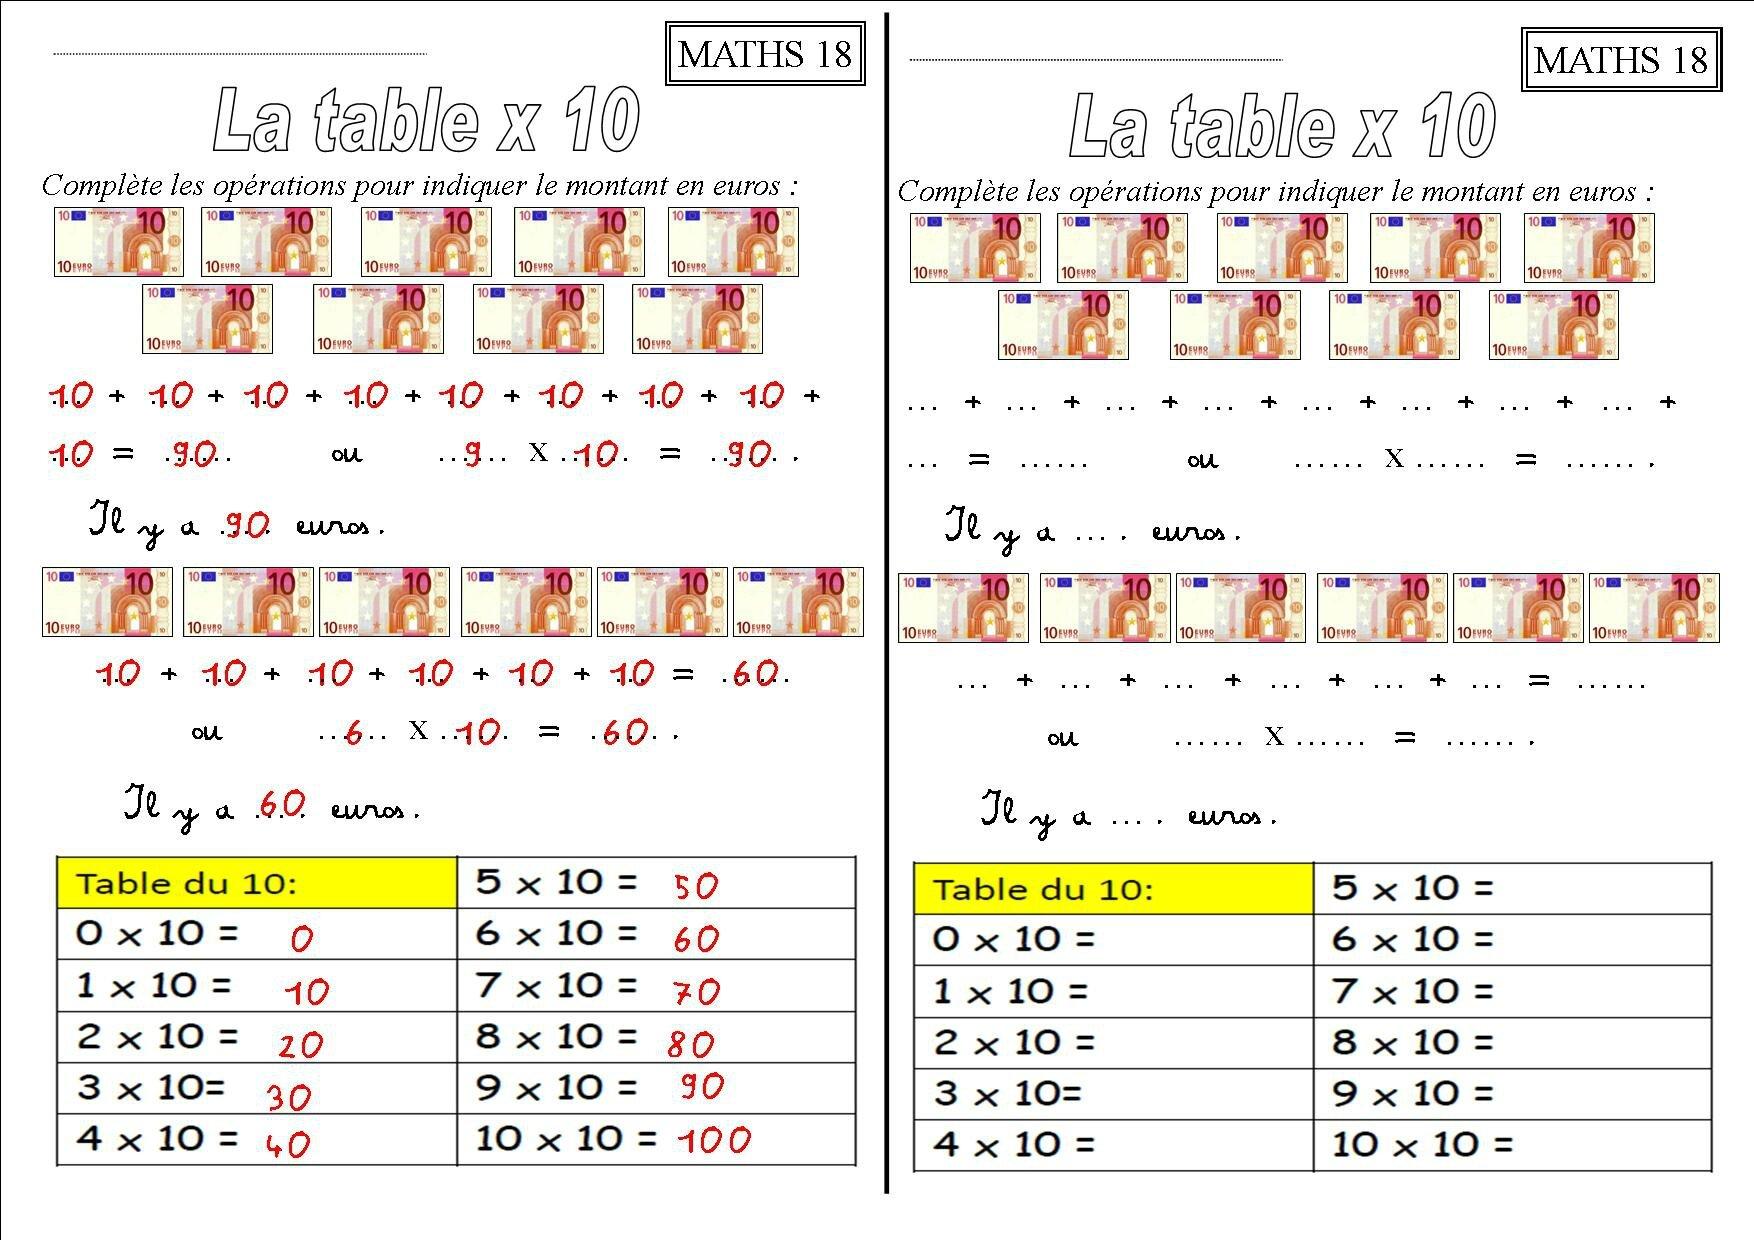 Les Tables De Multiplication Ce1 X 2 X 3 X 4 X 5 X